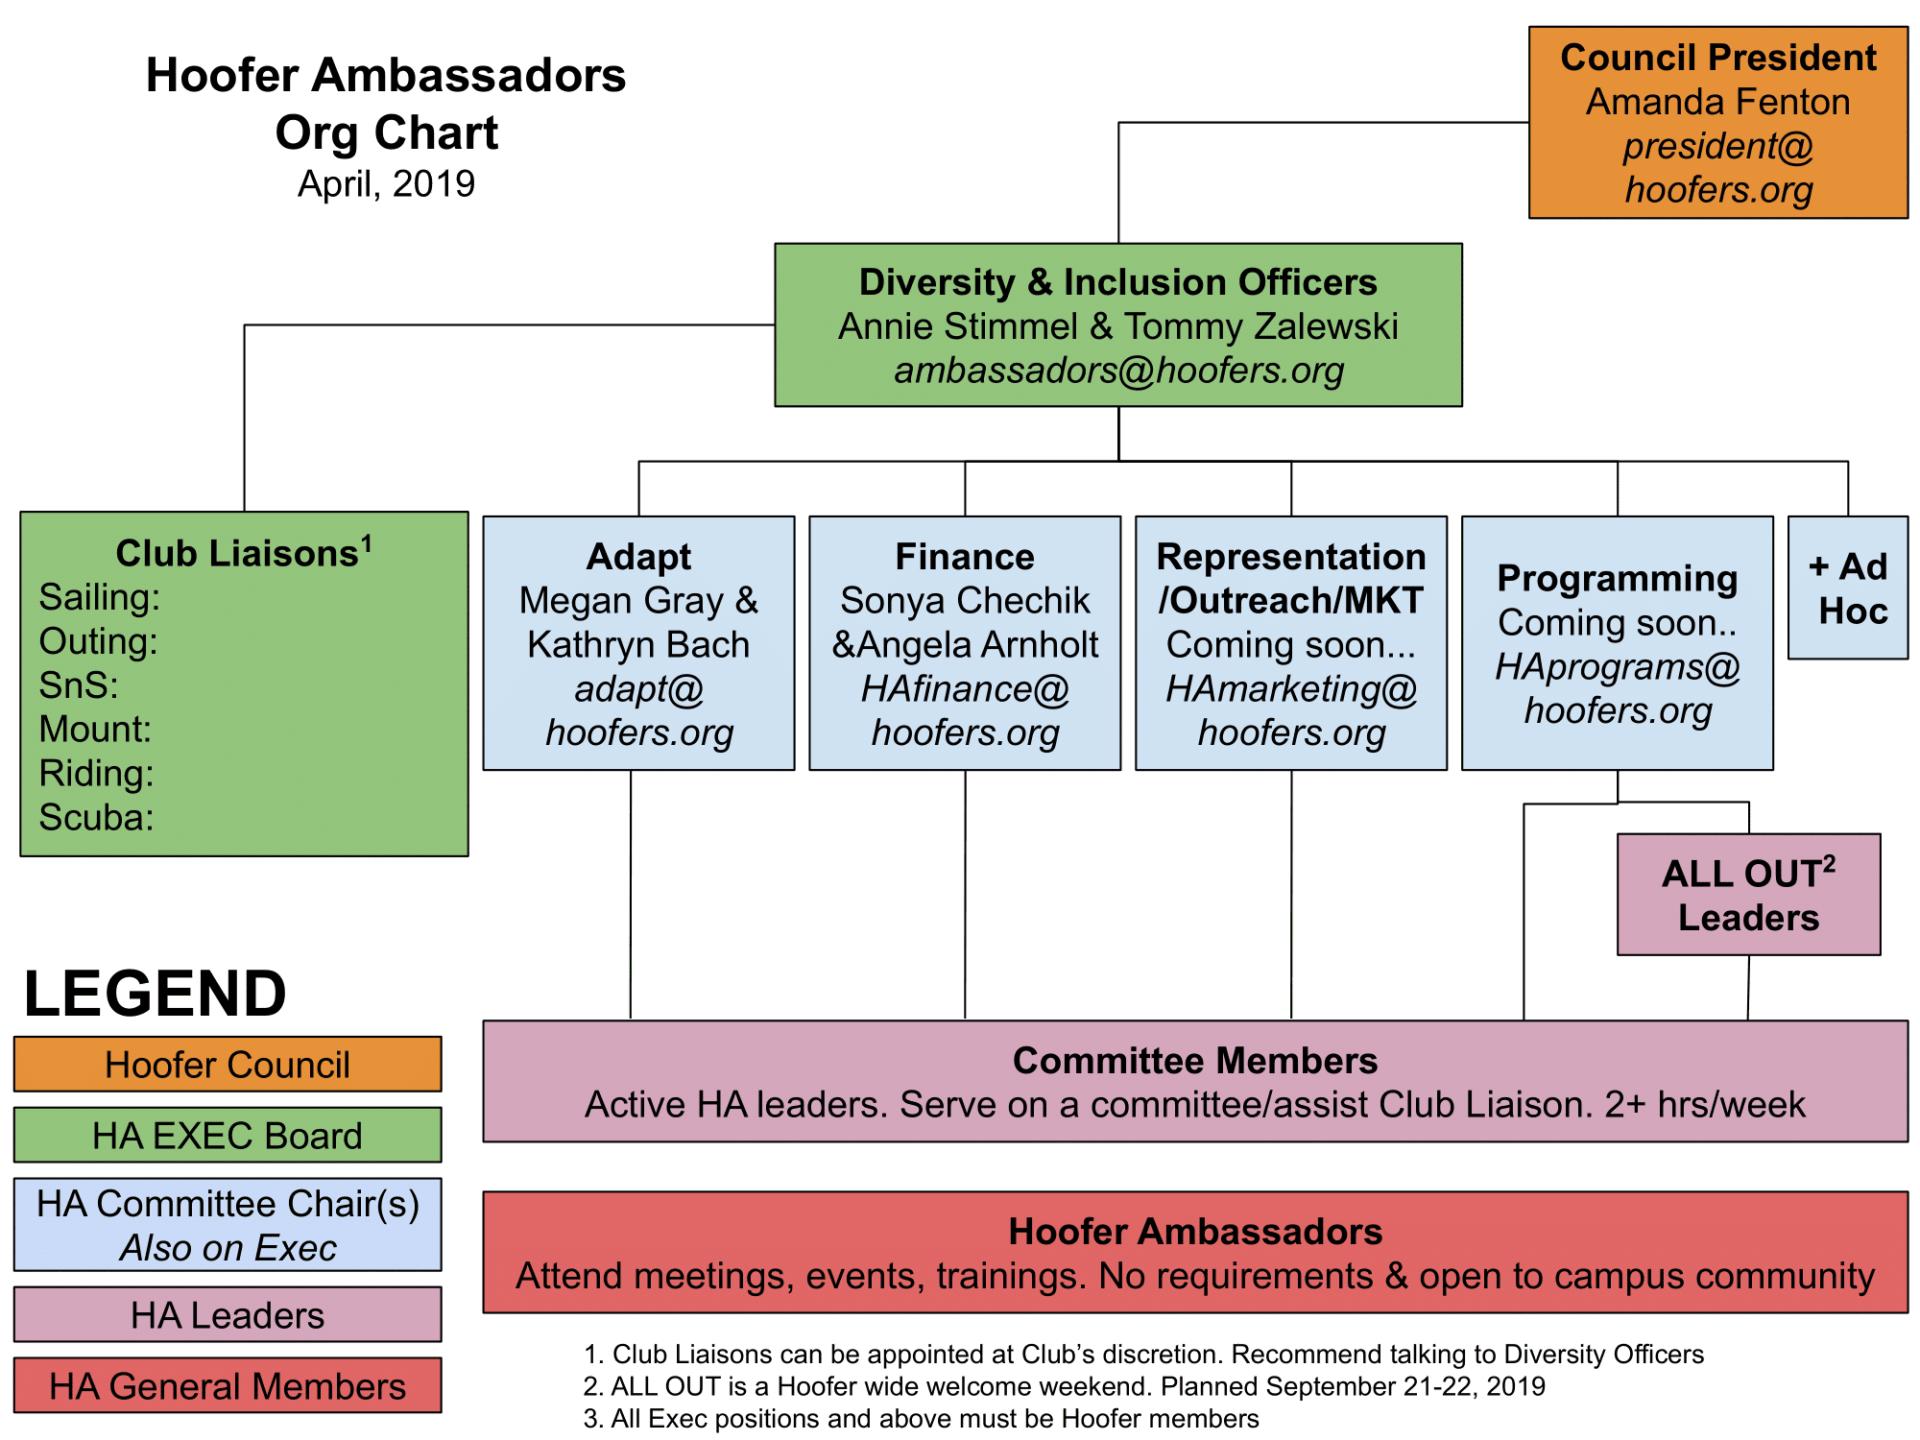 Hoofer-ambassadors-org-chart-new